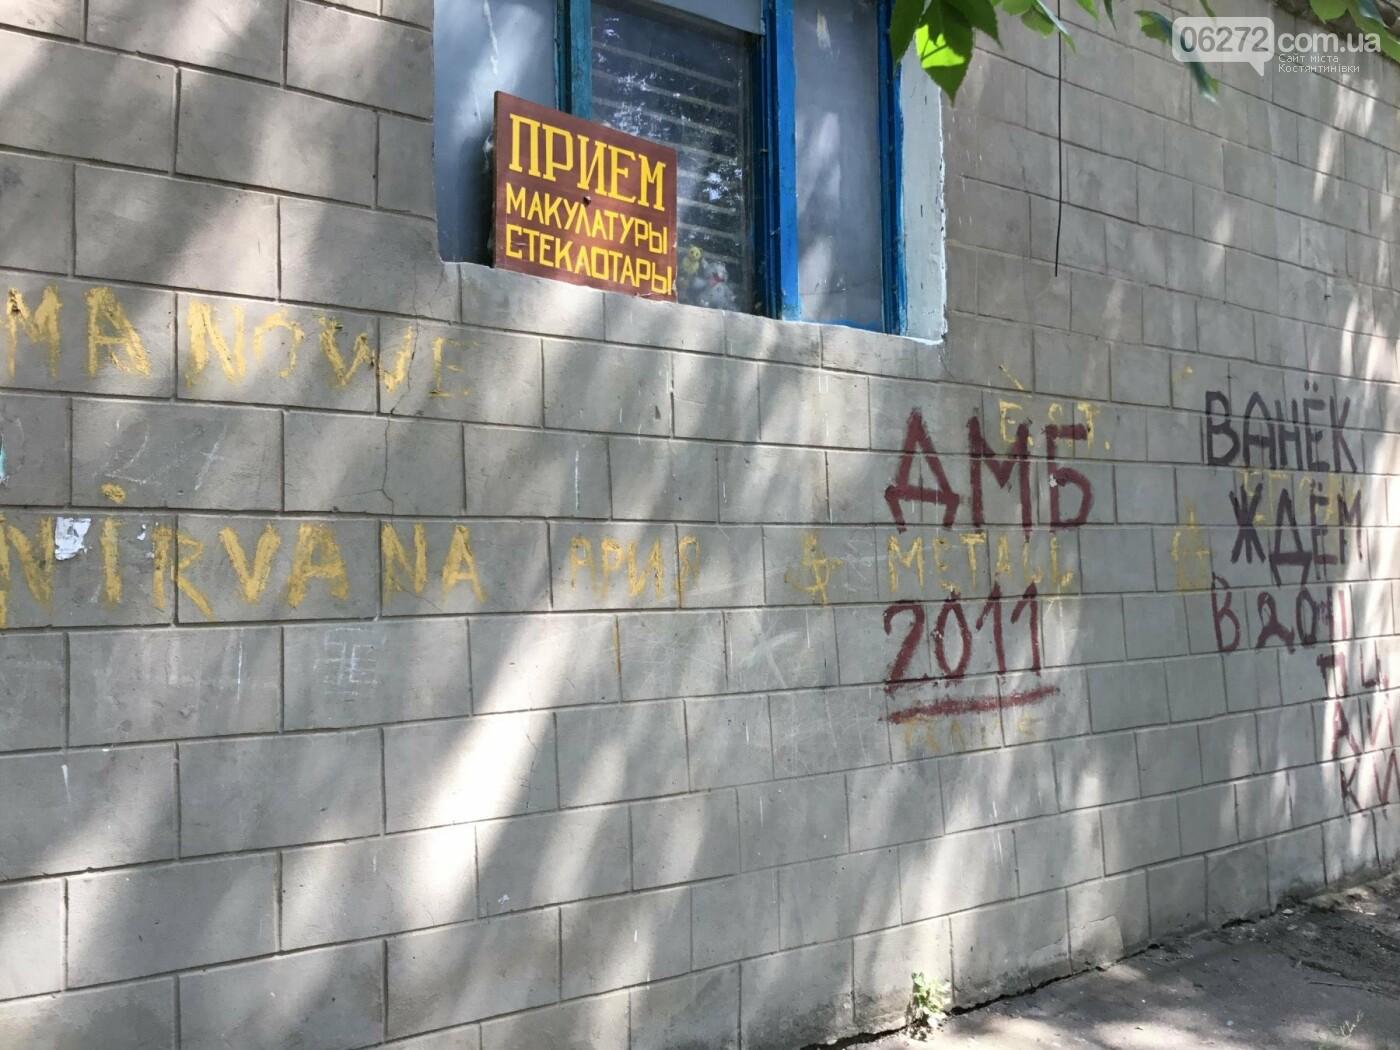 Жители Константиновской многоэтажки против пункта приема вторсырья в их доме, фото-2